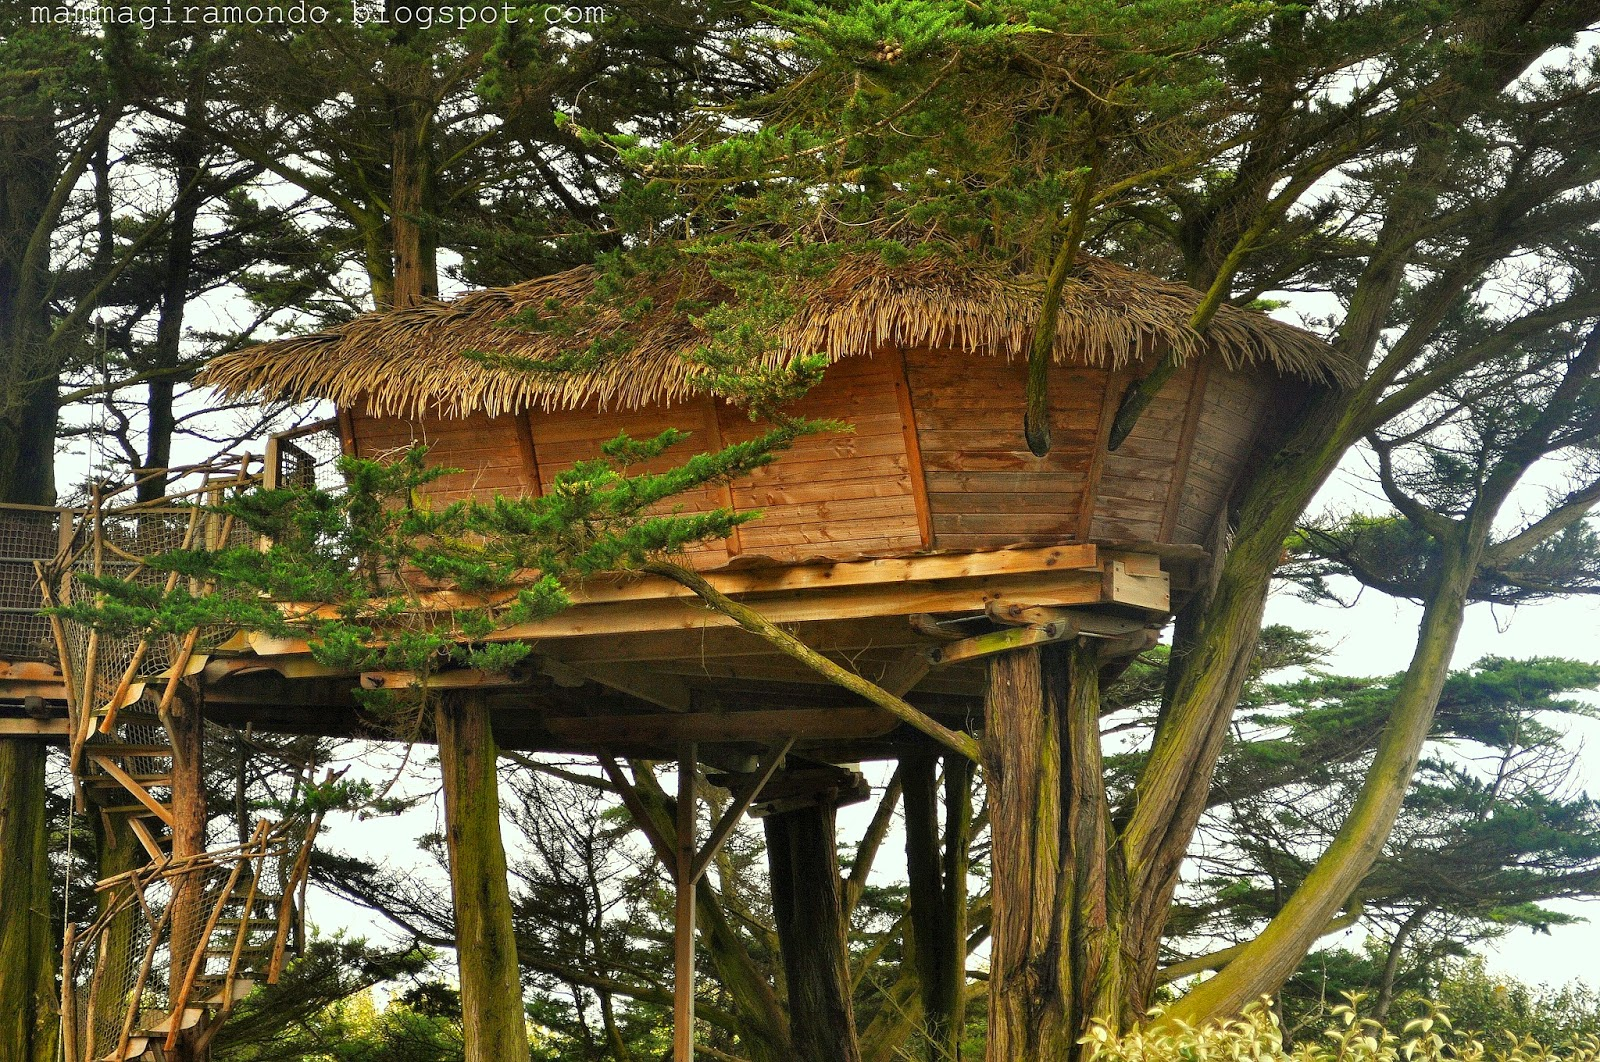 Dormire in una casa sull 39 albero in bretagna - Casa sull albero progetto ...